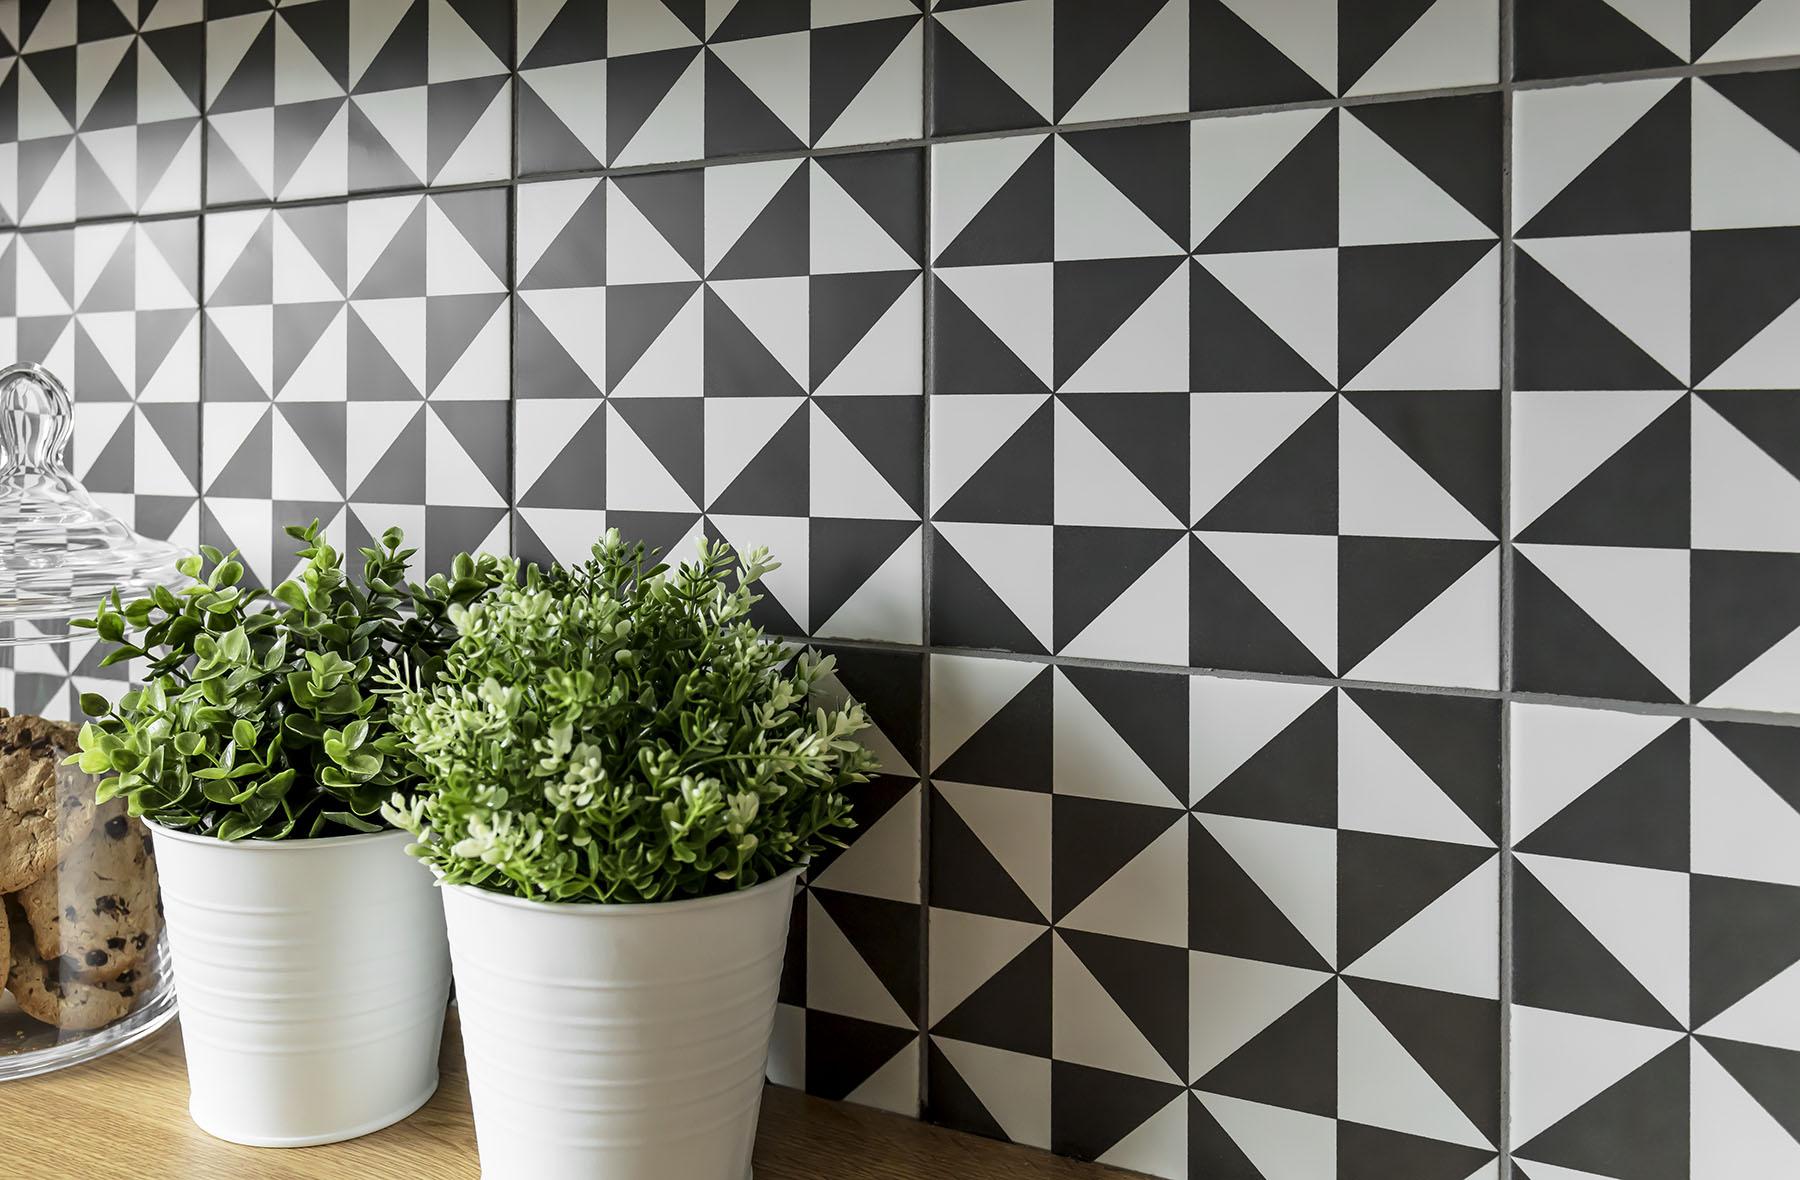 Nowoczesne płytki kuchenne jako uzupełnienie stylowych mebli kuchennych na wymiar - wykonanie SAS Wnętrza i Kuchnie. Projekt architekt wnętrz Emilia Strzempek Plasun.